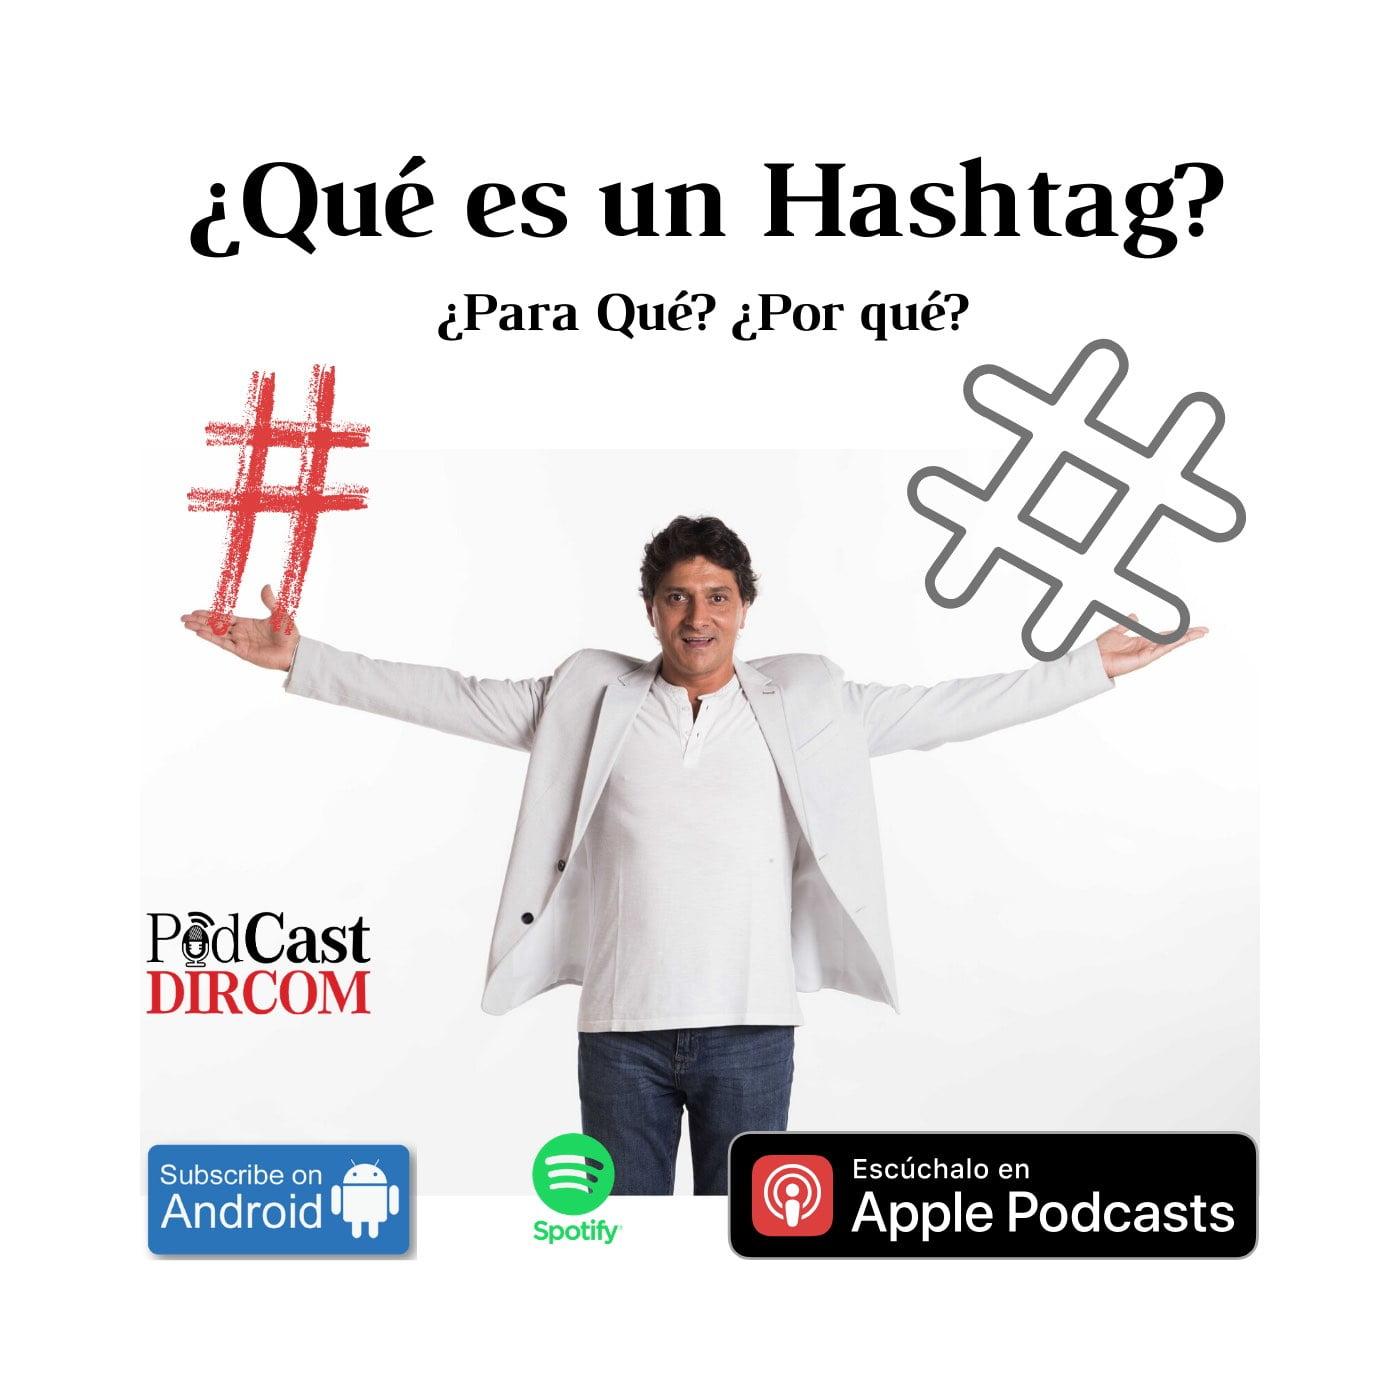 Qué es un Hashtag